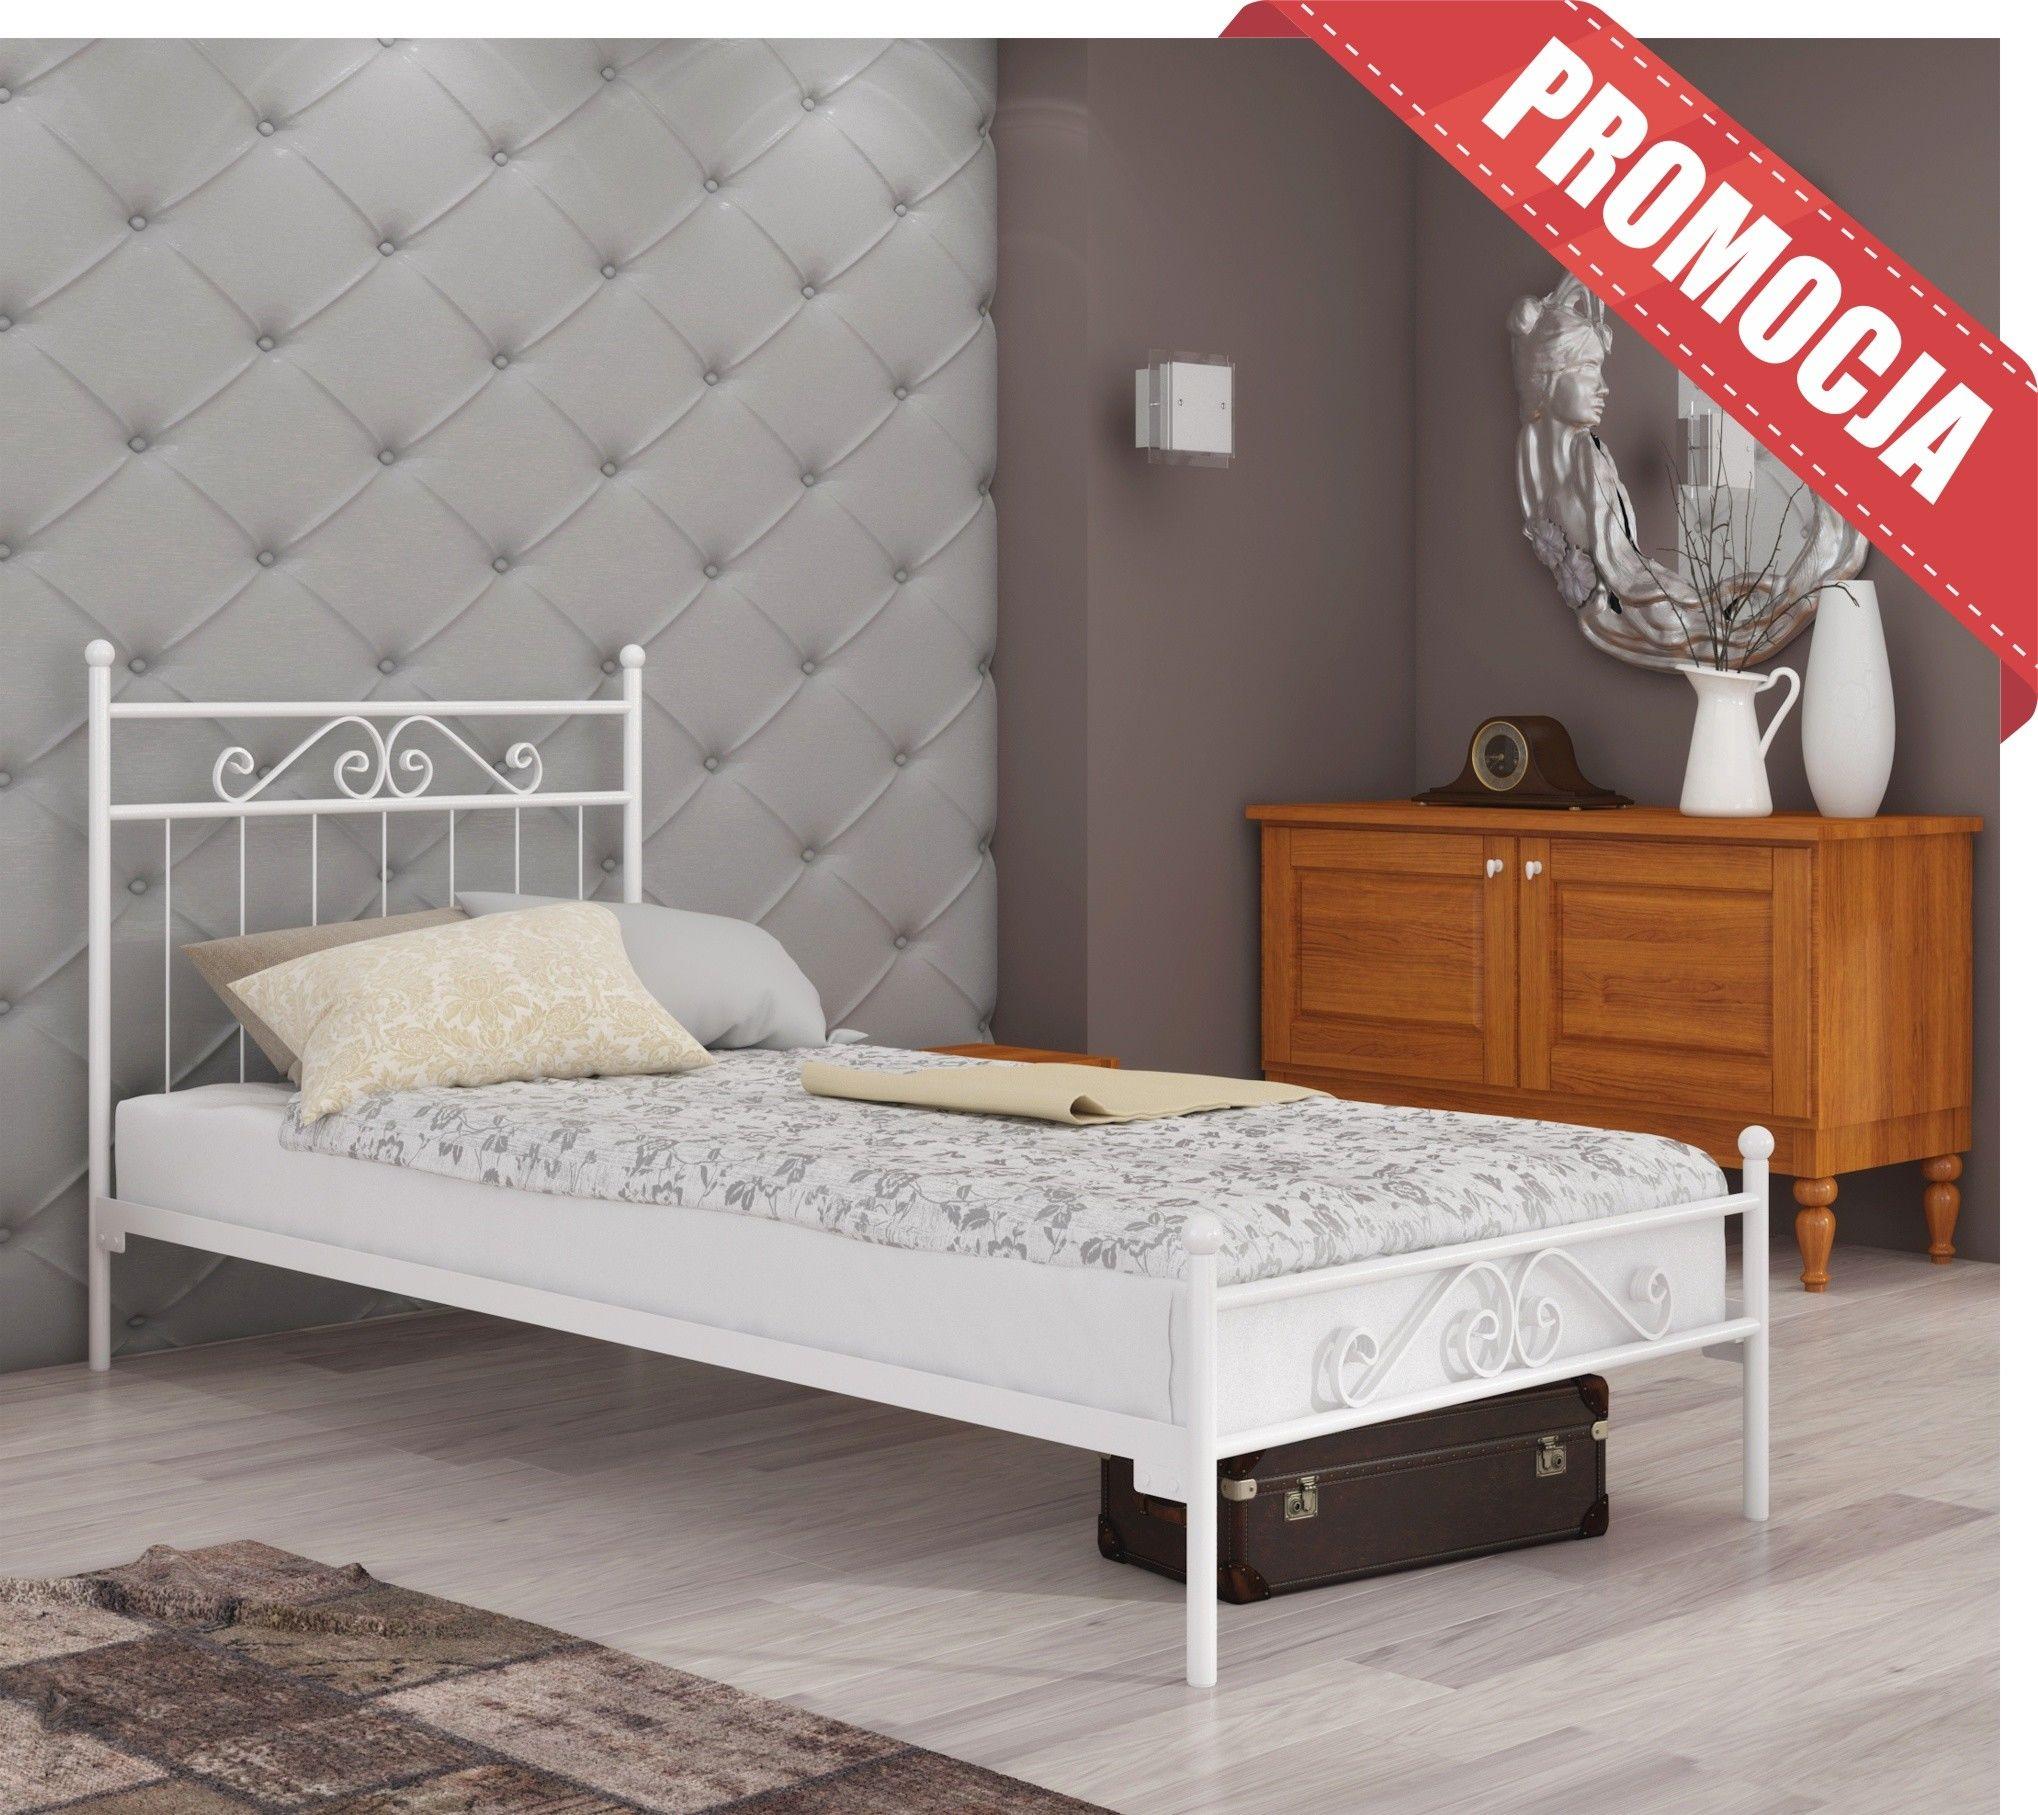 Łóżko do sypialni 90x180 wzór 2J ze stelażem pod materac